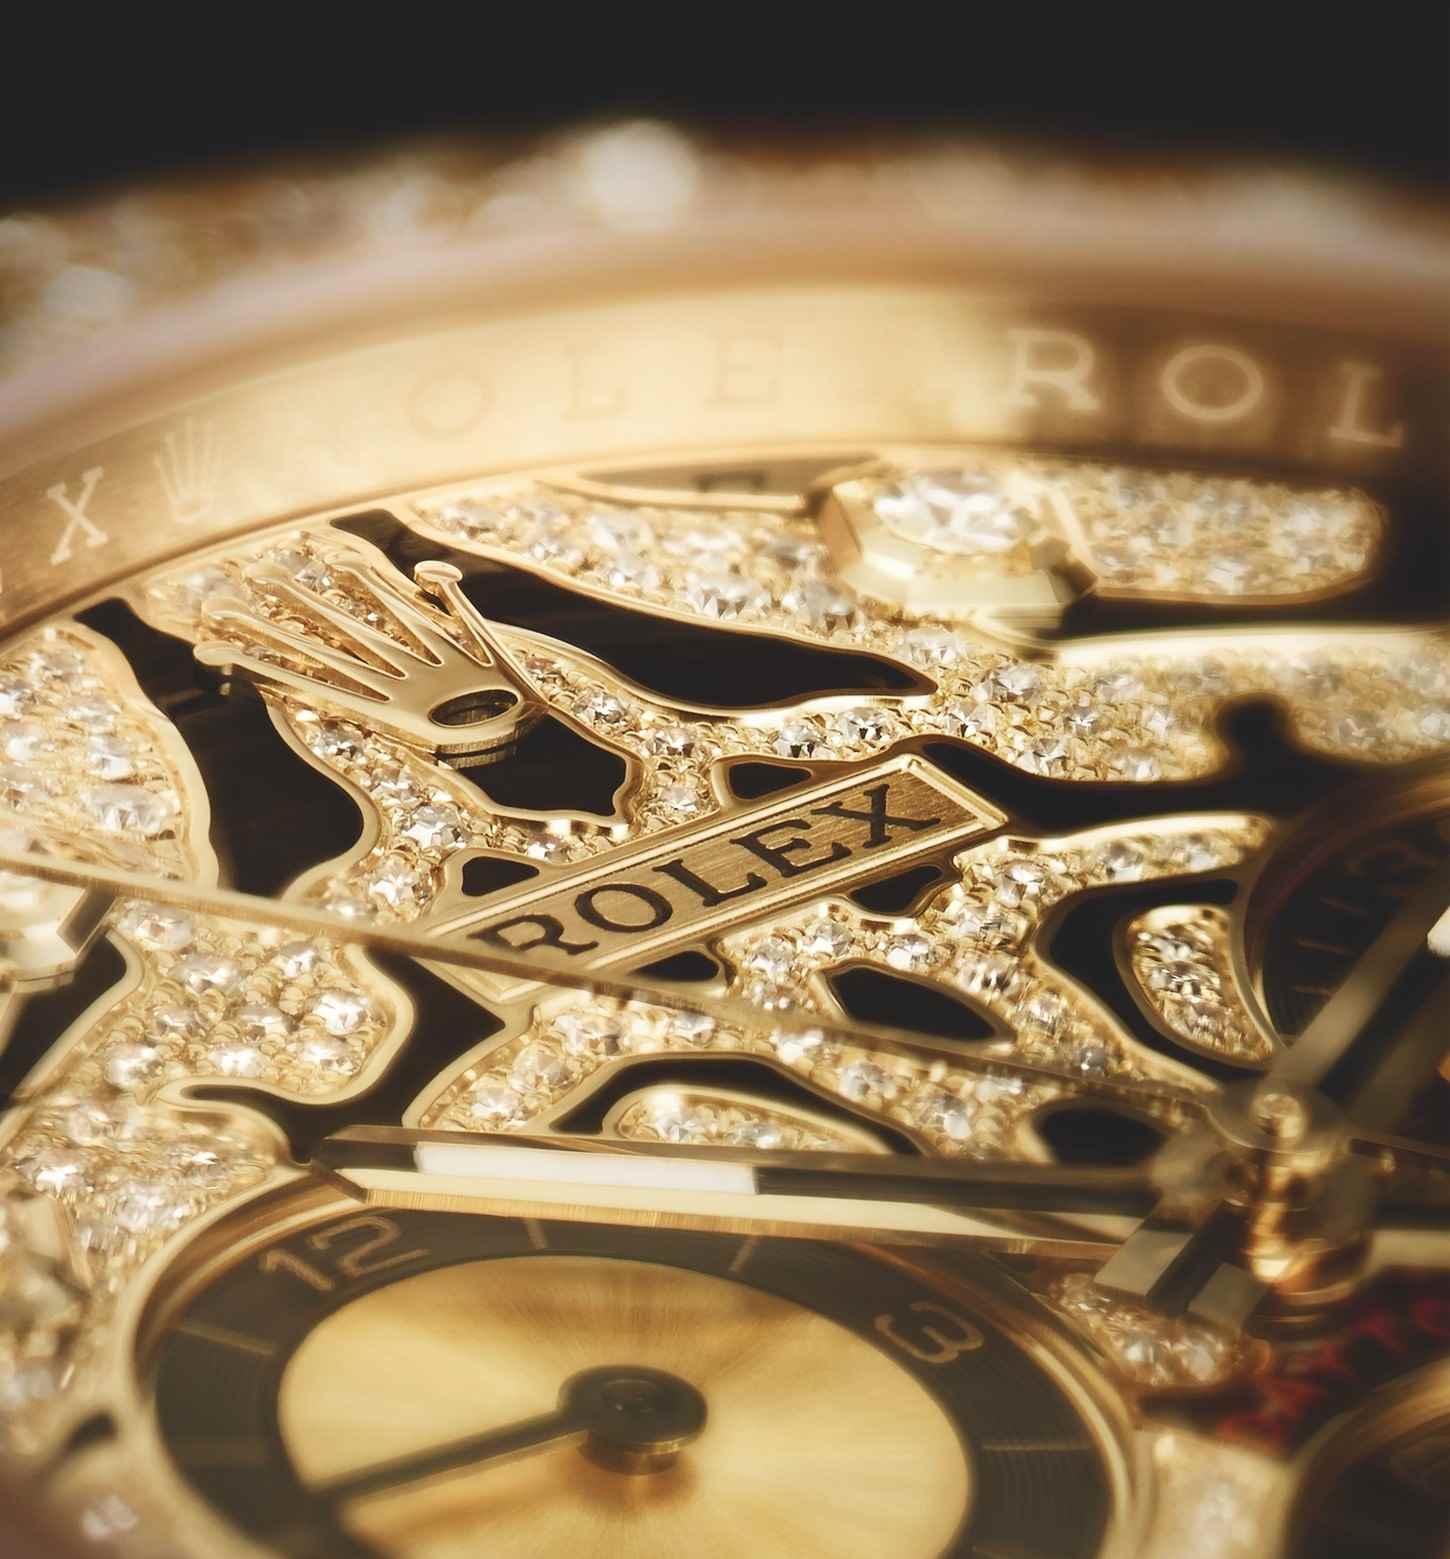 Rolex: Nga vijnë orët 50,000 dollarëshe në të vërtetë